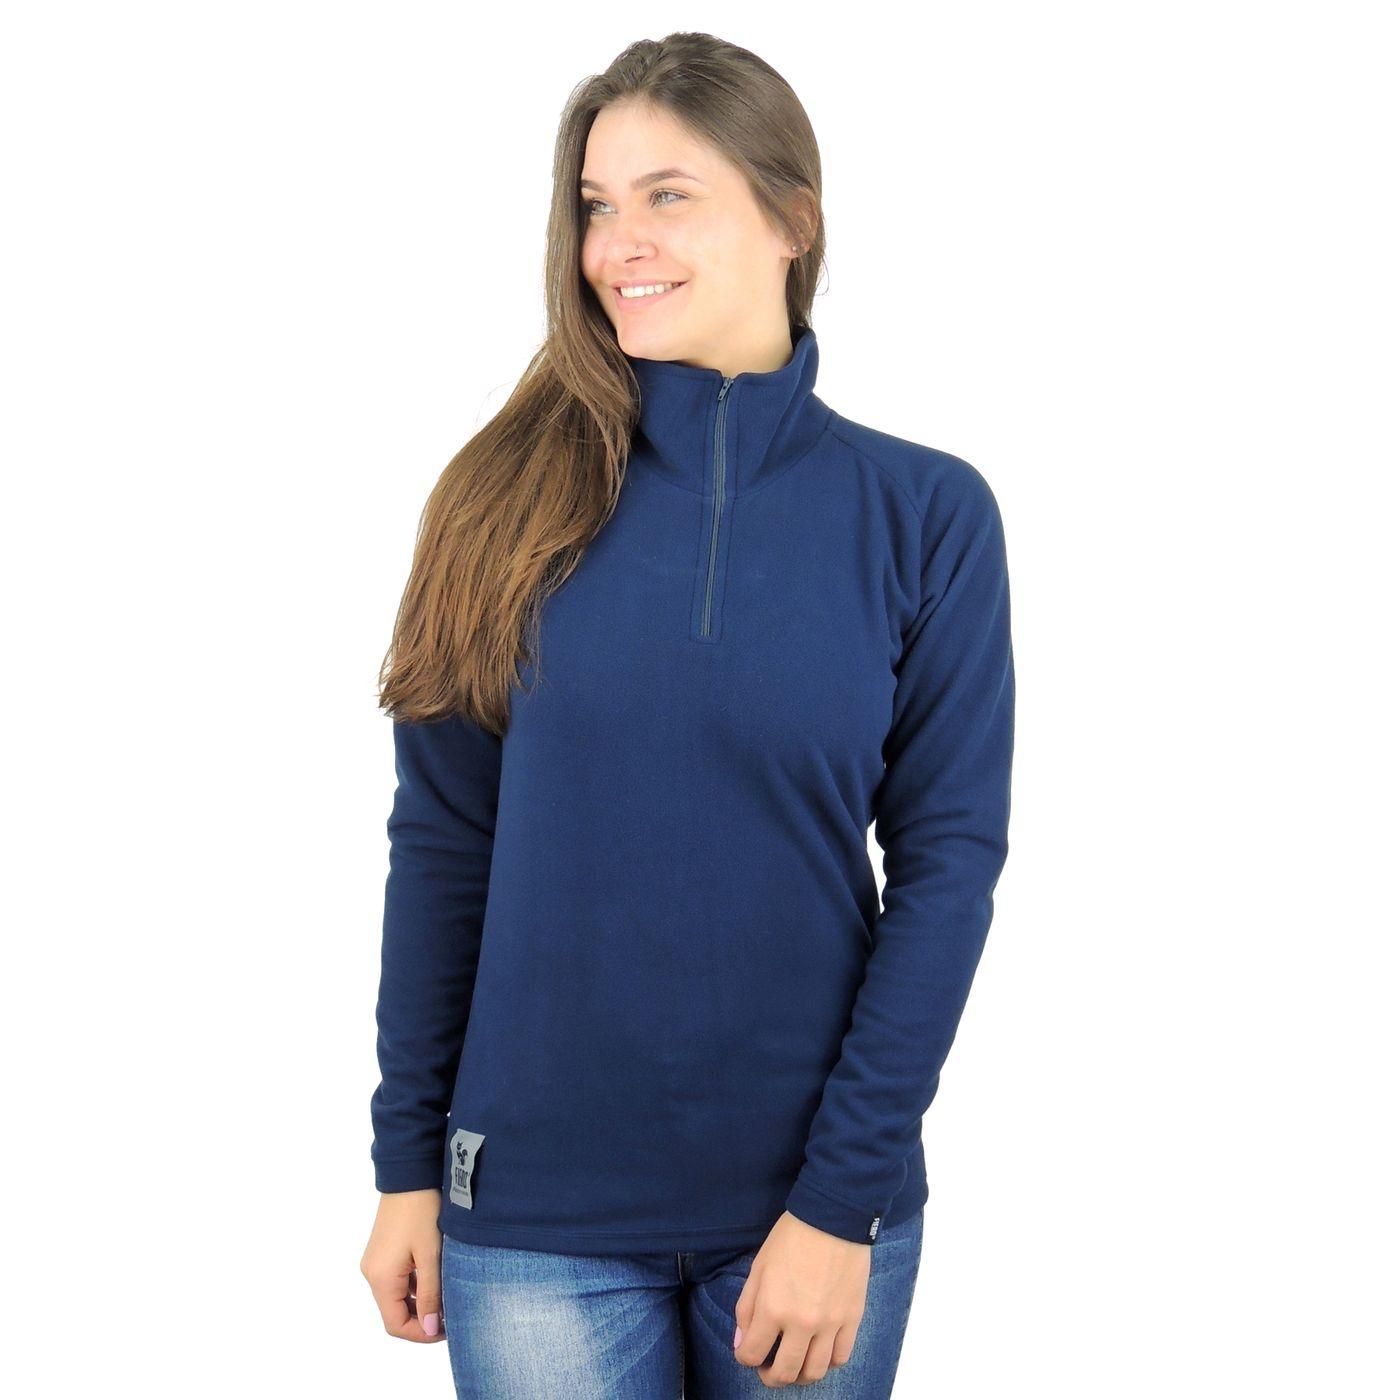 Blusa de Fleece Térmico Meio Zíper Feminino FIERO - fieroshop 14f79006fdd1f